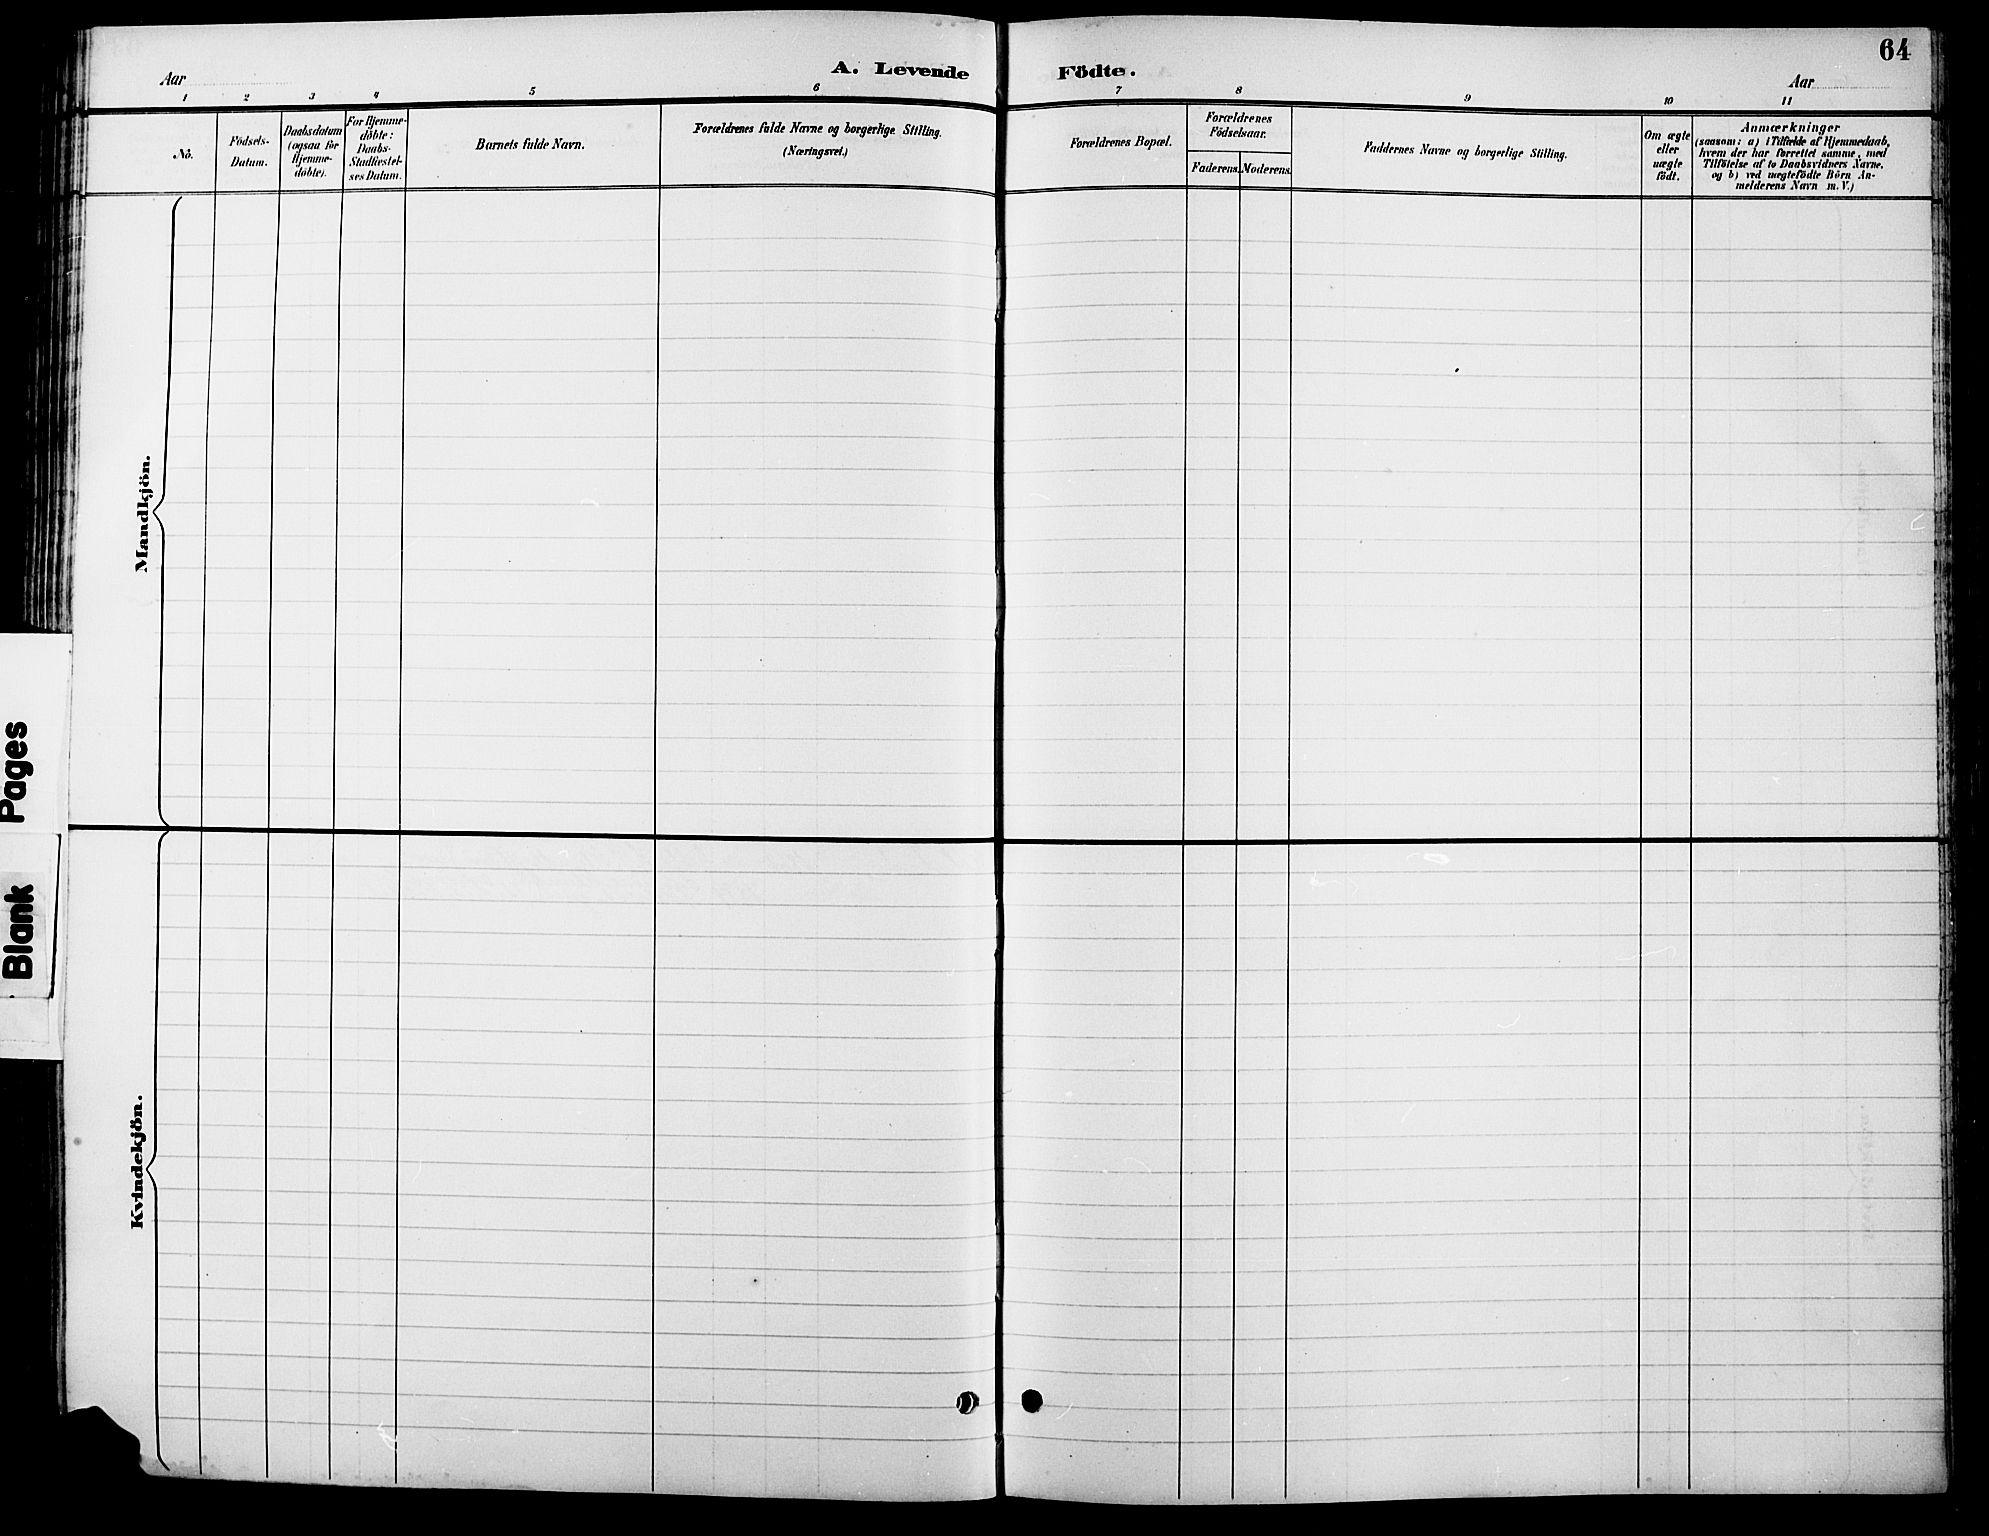 SAH, Lesja prestekontor, Parish register (copy) no. 7, 1895-1919, p. 64